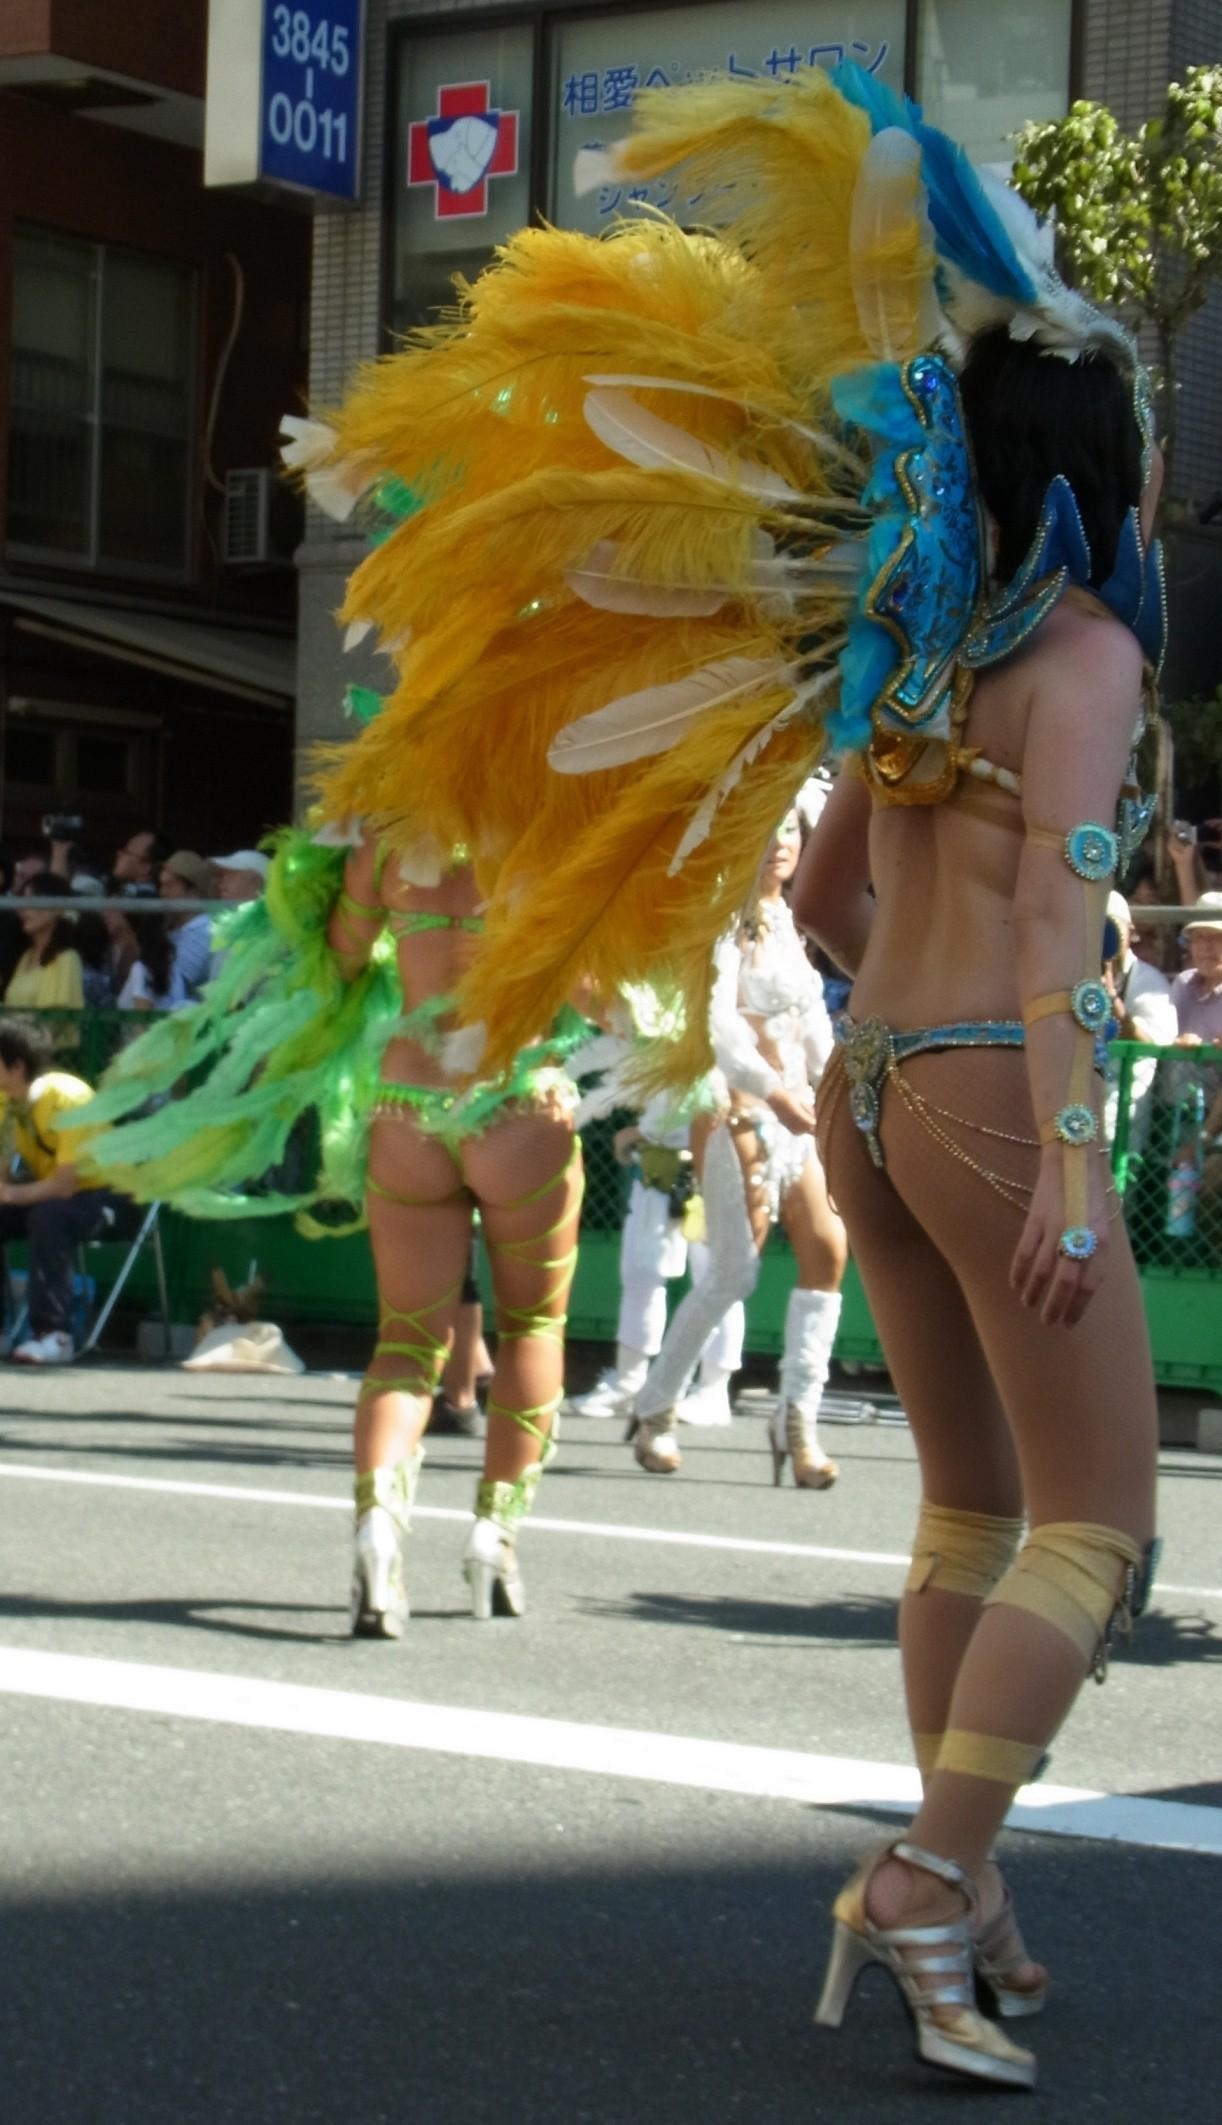 【サンバエロ画像】これでも抑え気味w乳と尻限界まで出して踊るサンバ美女www 02